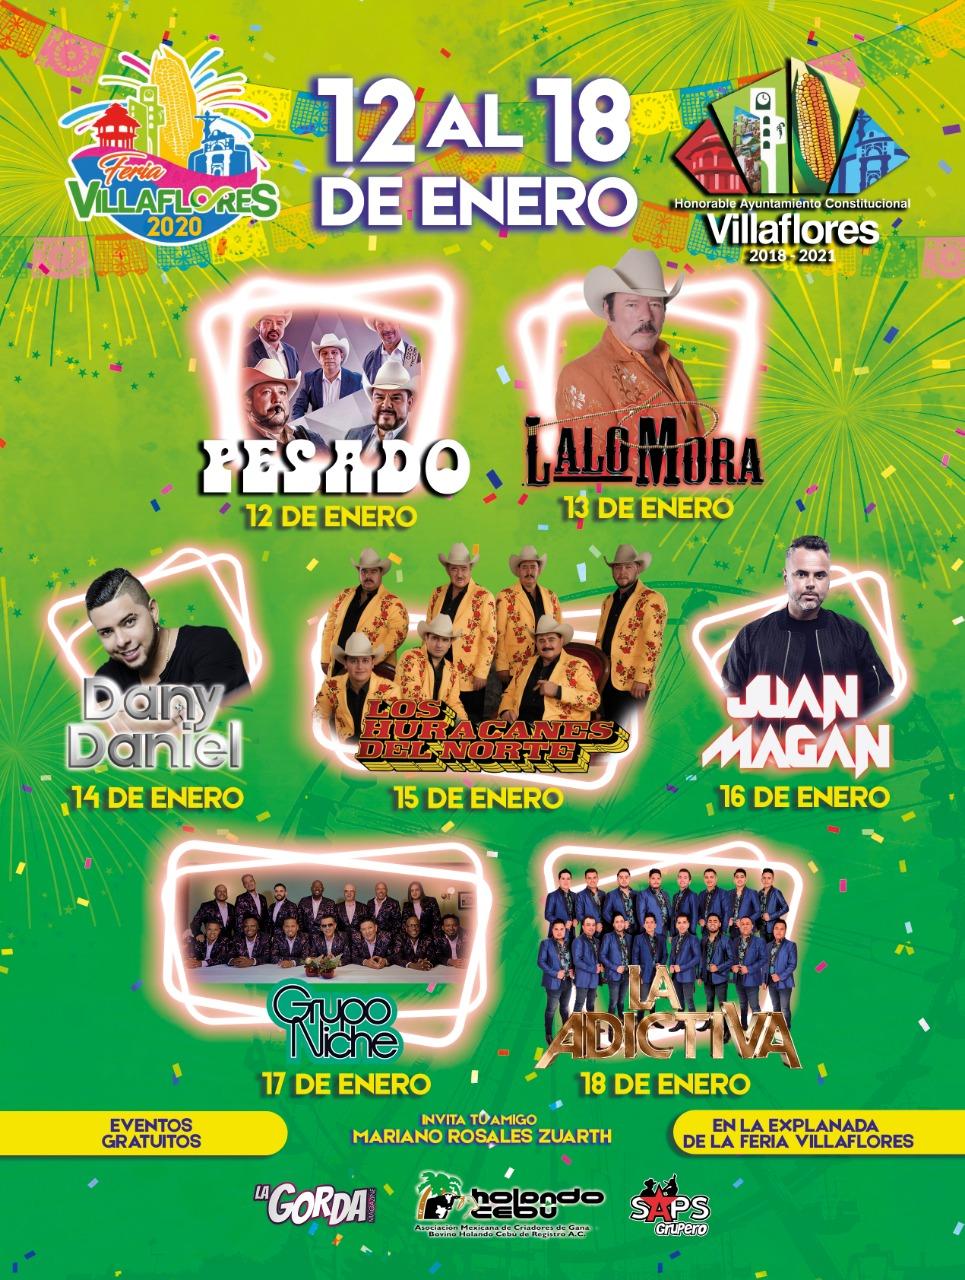 Feria Villaflores